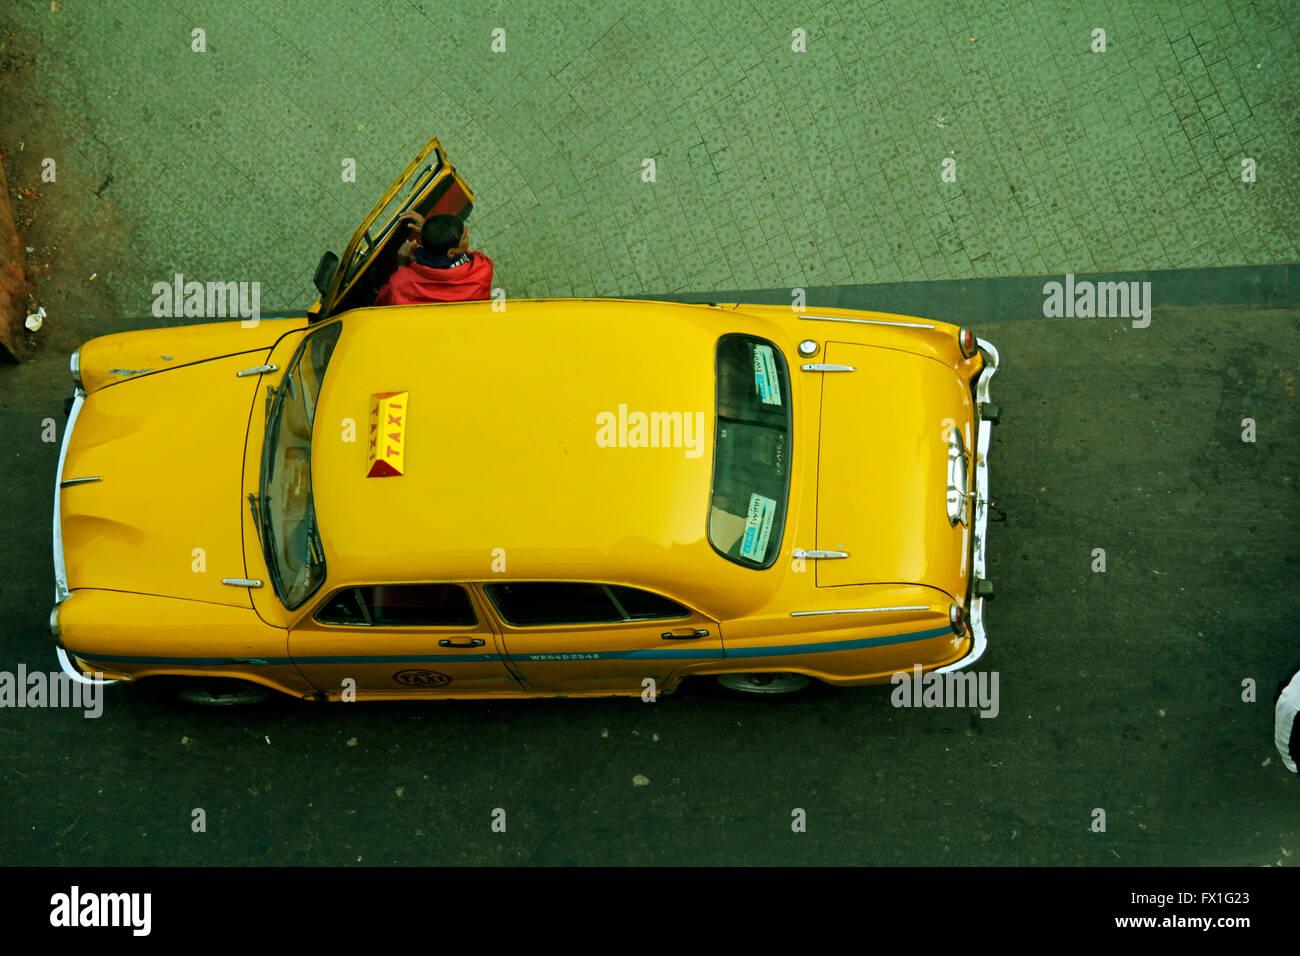 The grand old yellow ambassador taxi of Kolkata - Stock Image